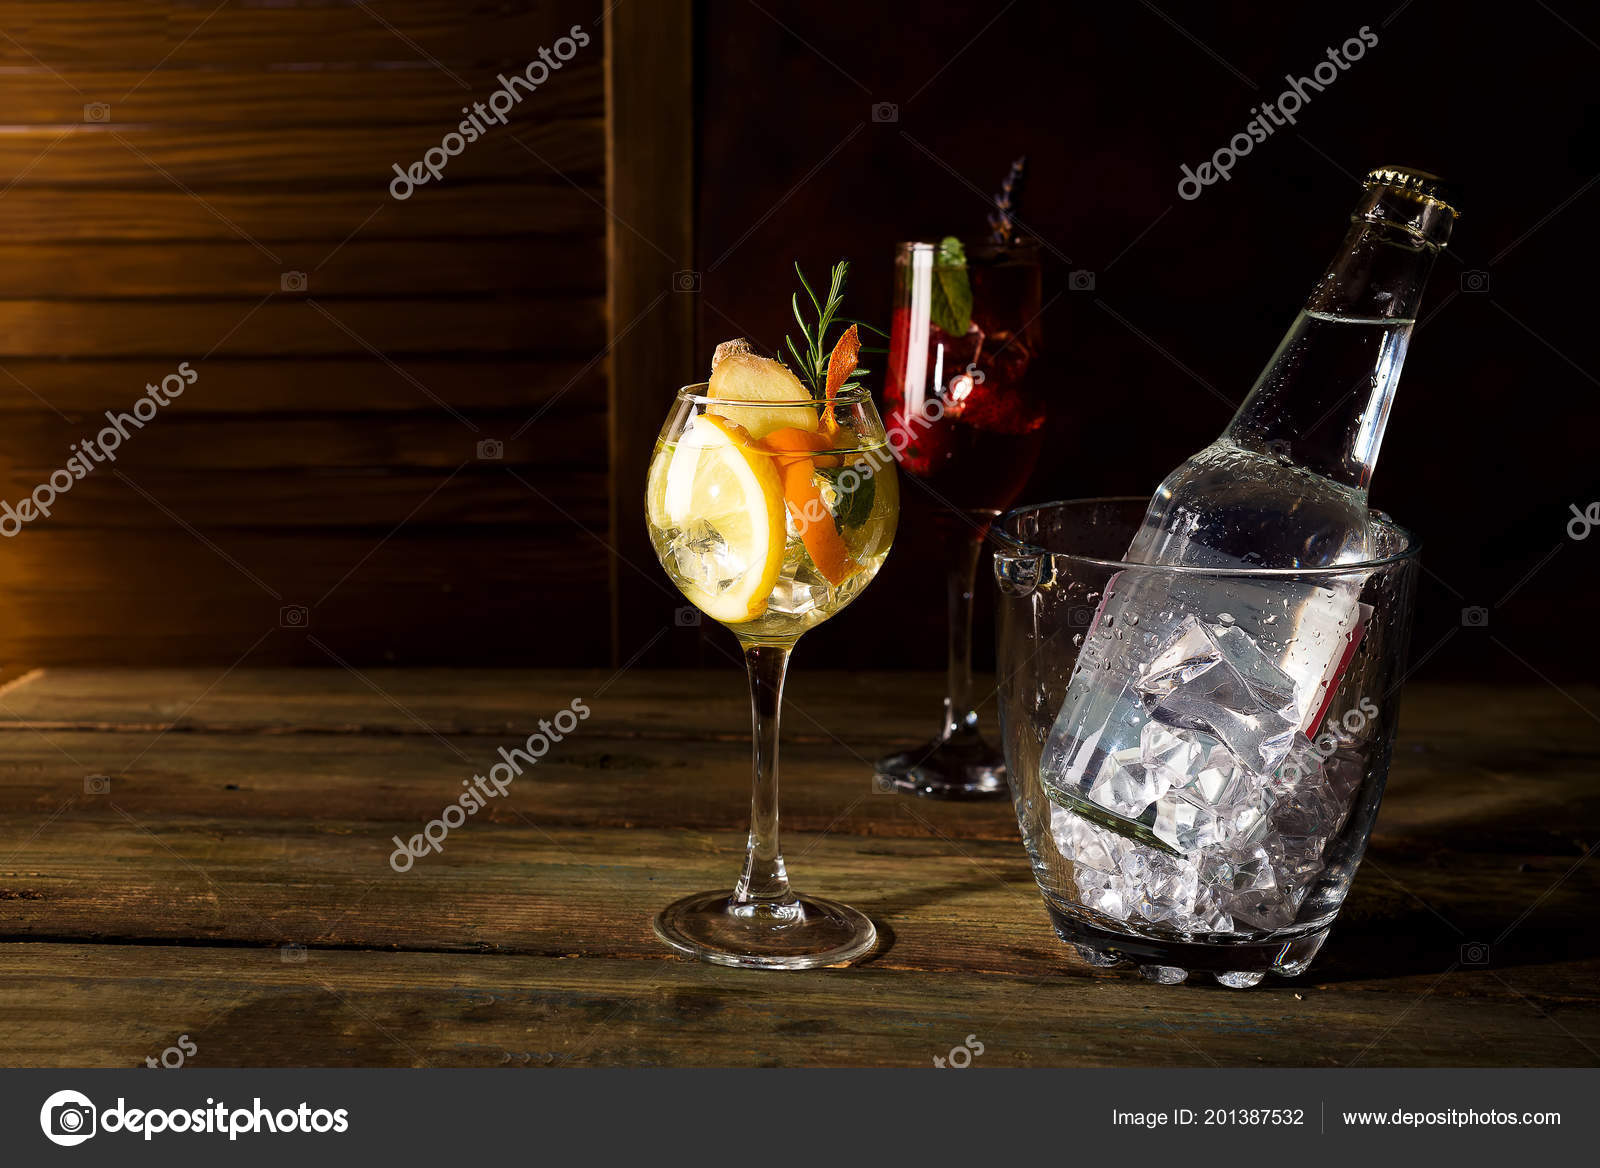 Whiskey Based Cocktail Mixed Glass Ice Bucket Orange Peel